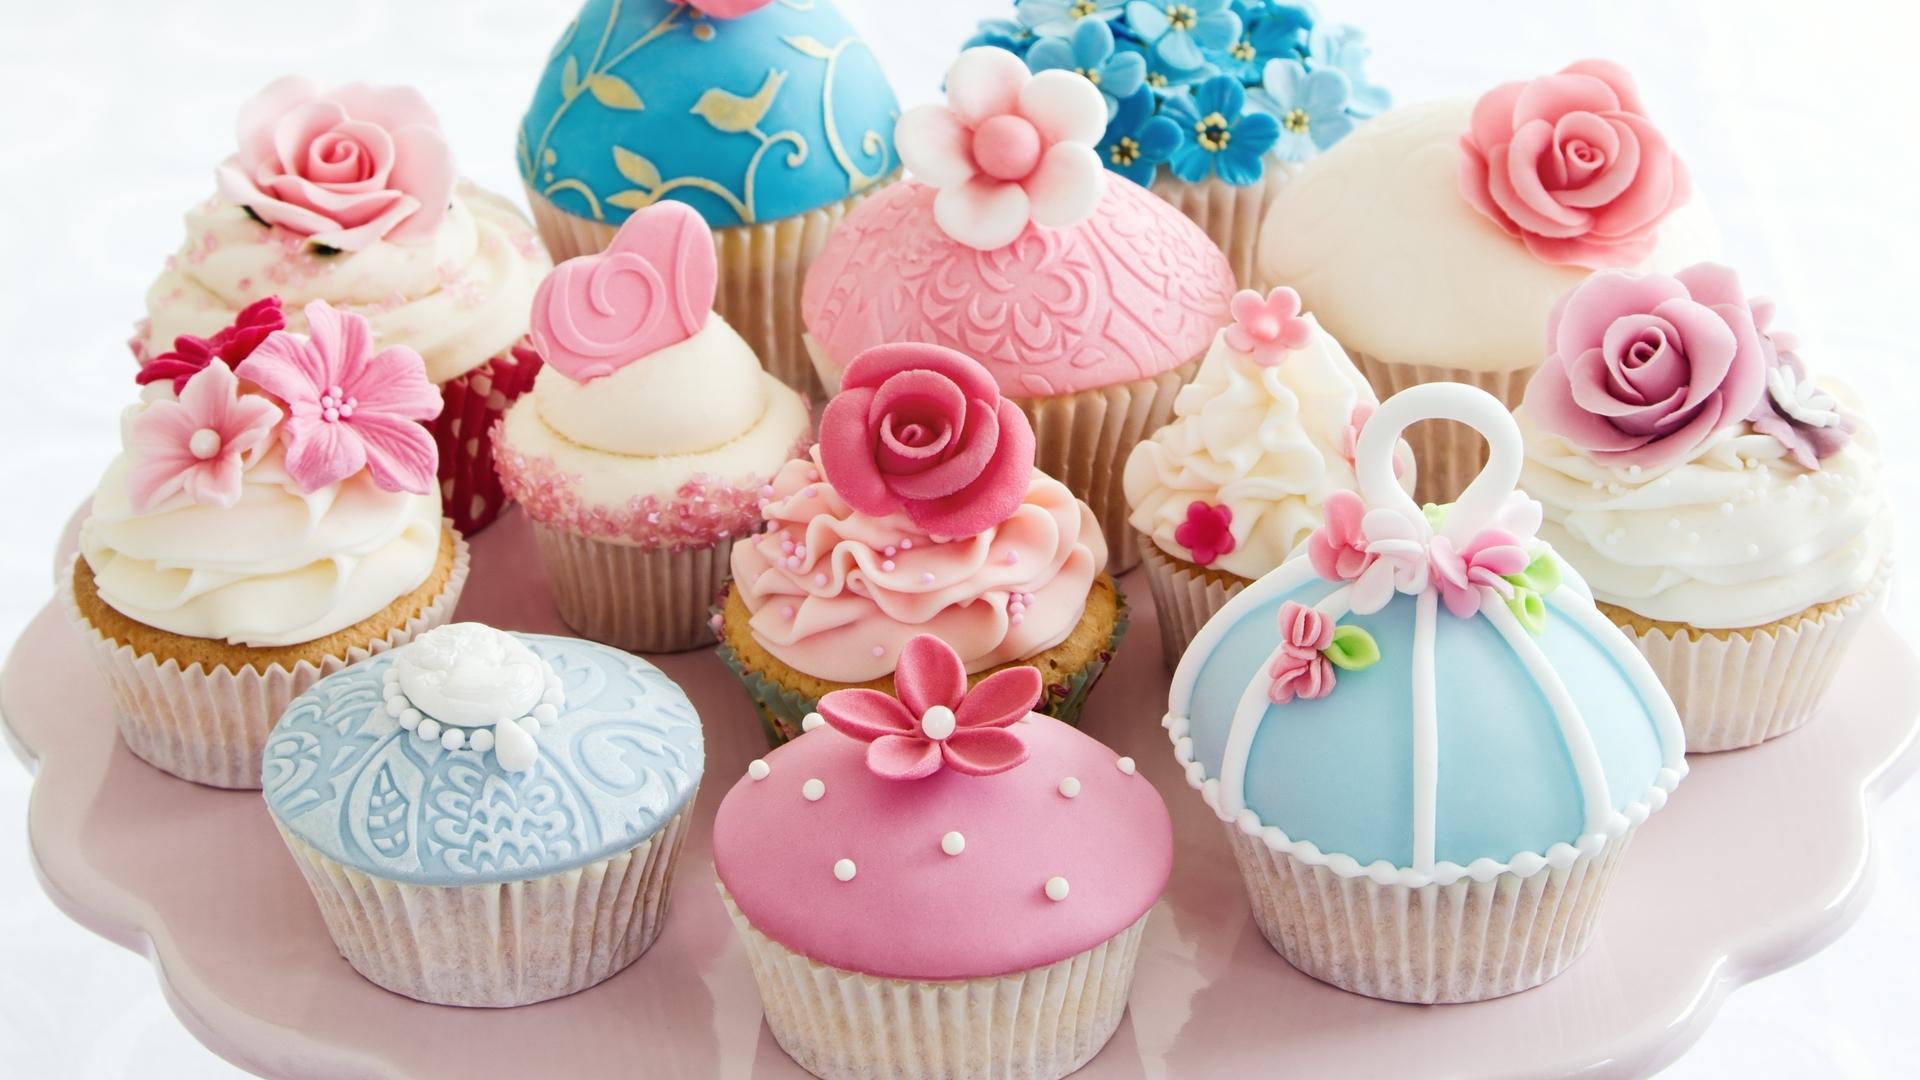 Cute Cupcakes, Bisnis Cupcake Yang janjikan Omzet Menjanjikan 1